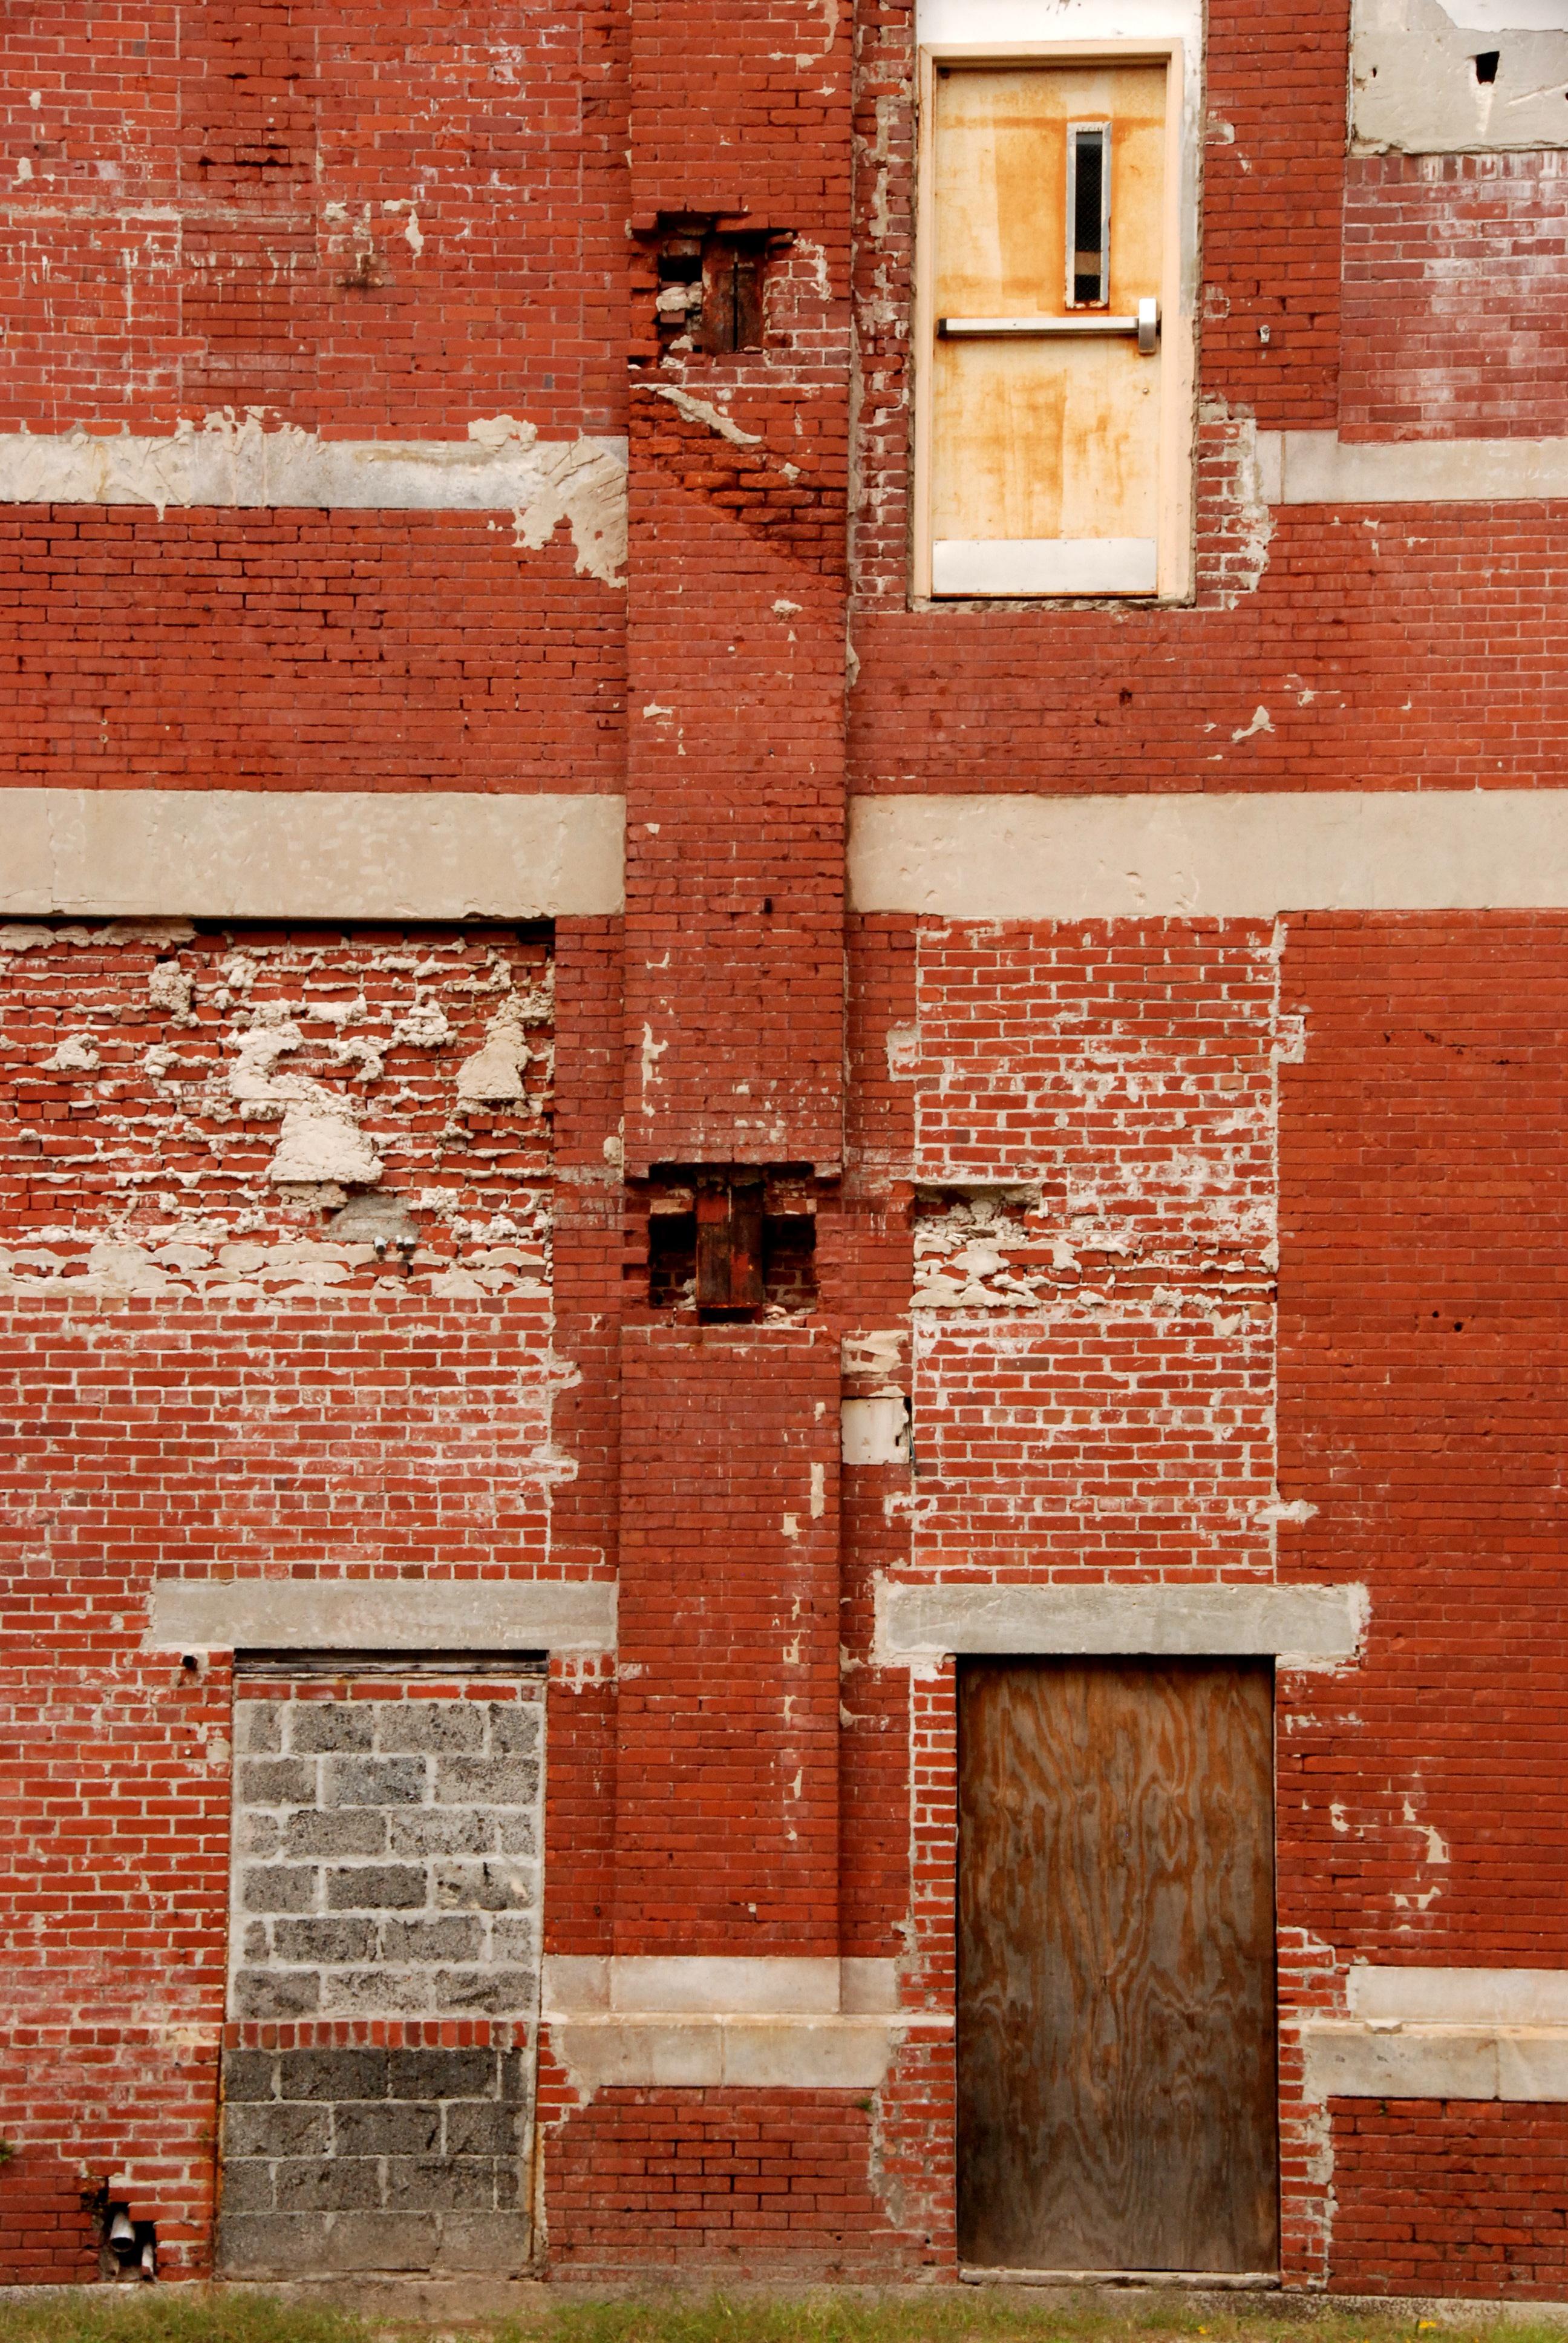 Fantastisch Die Architektur Holz Haus Textur Fenster Mauer Rot Farbe Fassade Ziegel Tür  Material Mauerwerk Stadtgebiet